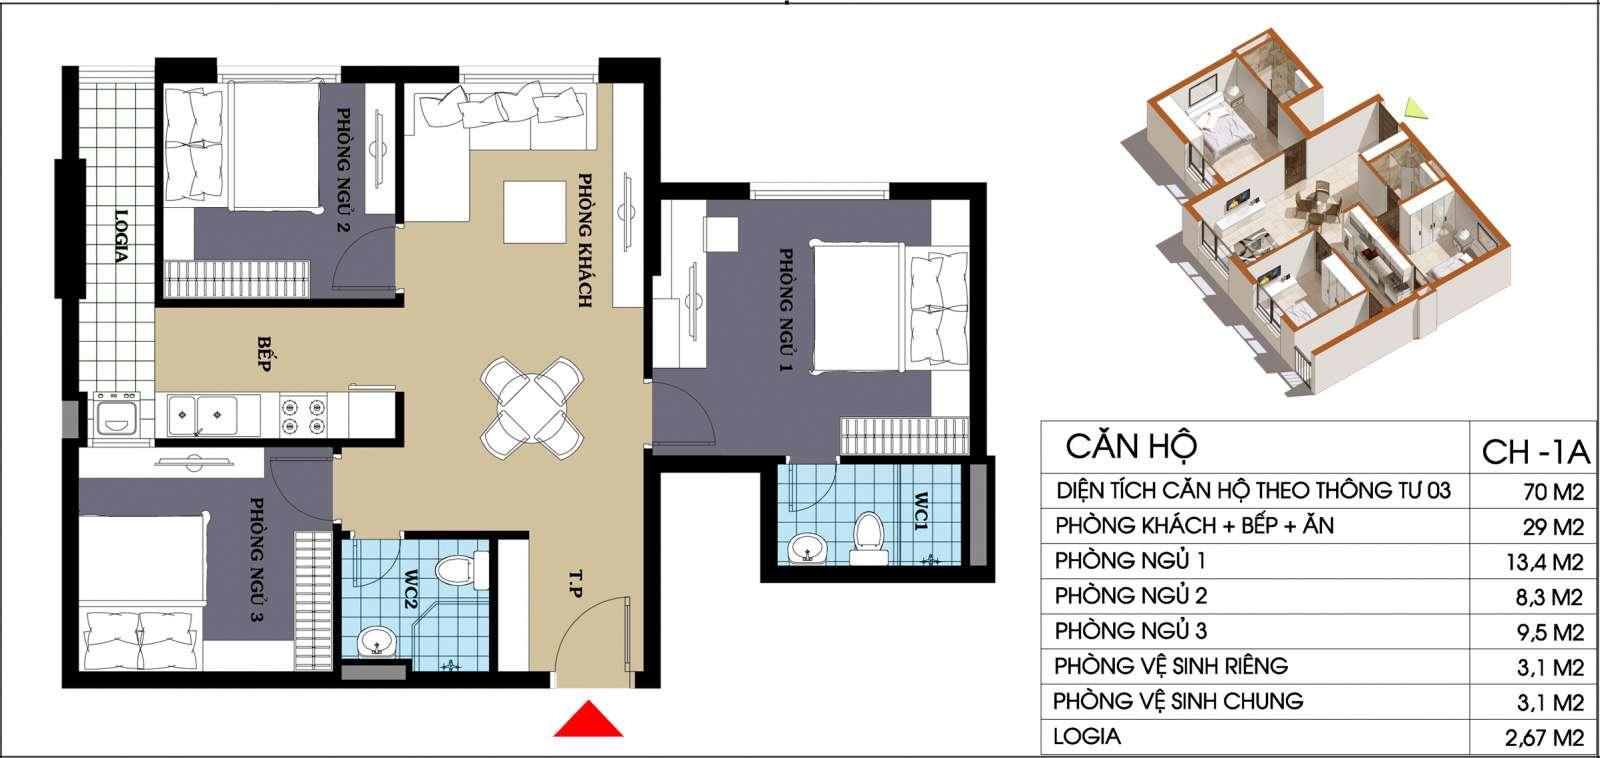 Thiết kế căn hộ 70 m2 chung cư 987 Tam Trinh